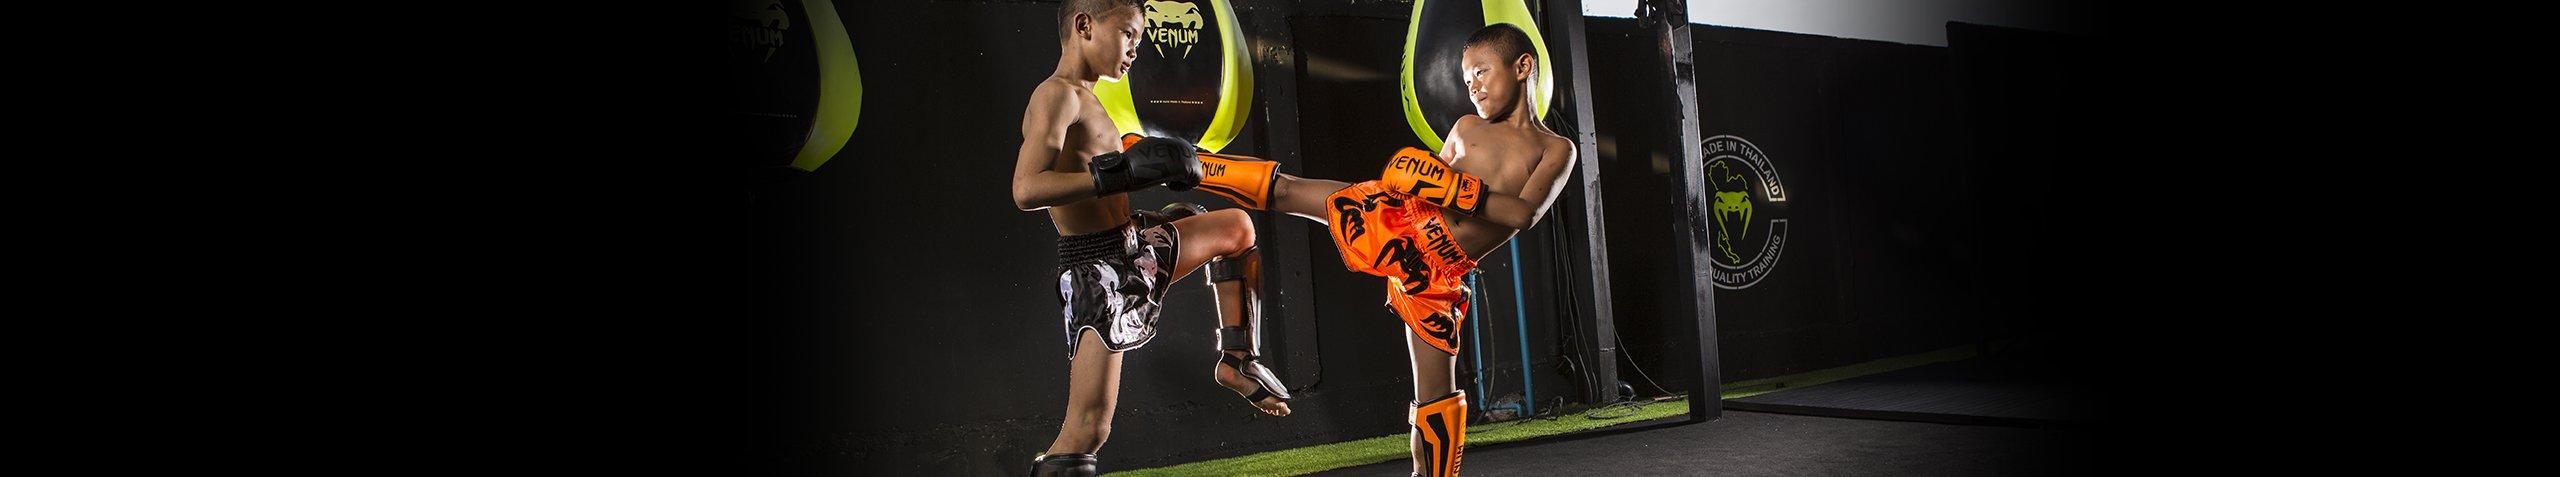 童装拳击设备 - Venum 亚洲 - Venum毒液中国官方网站